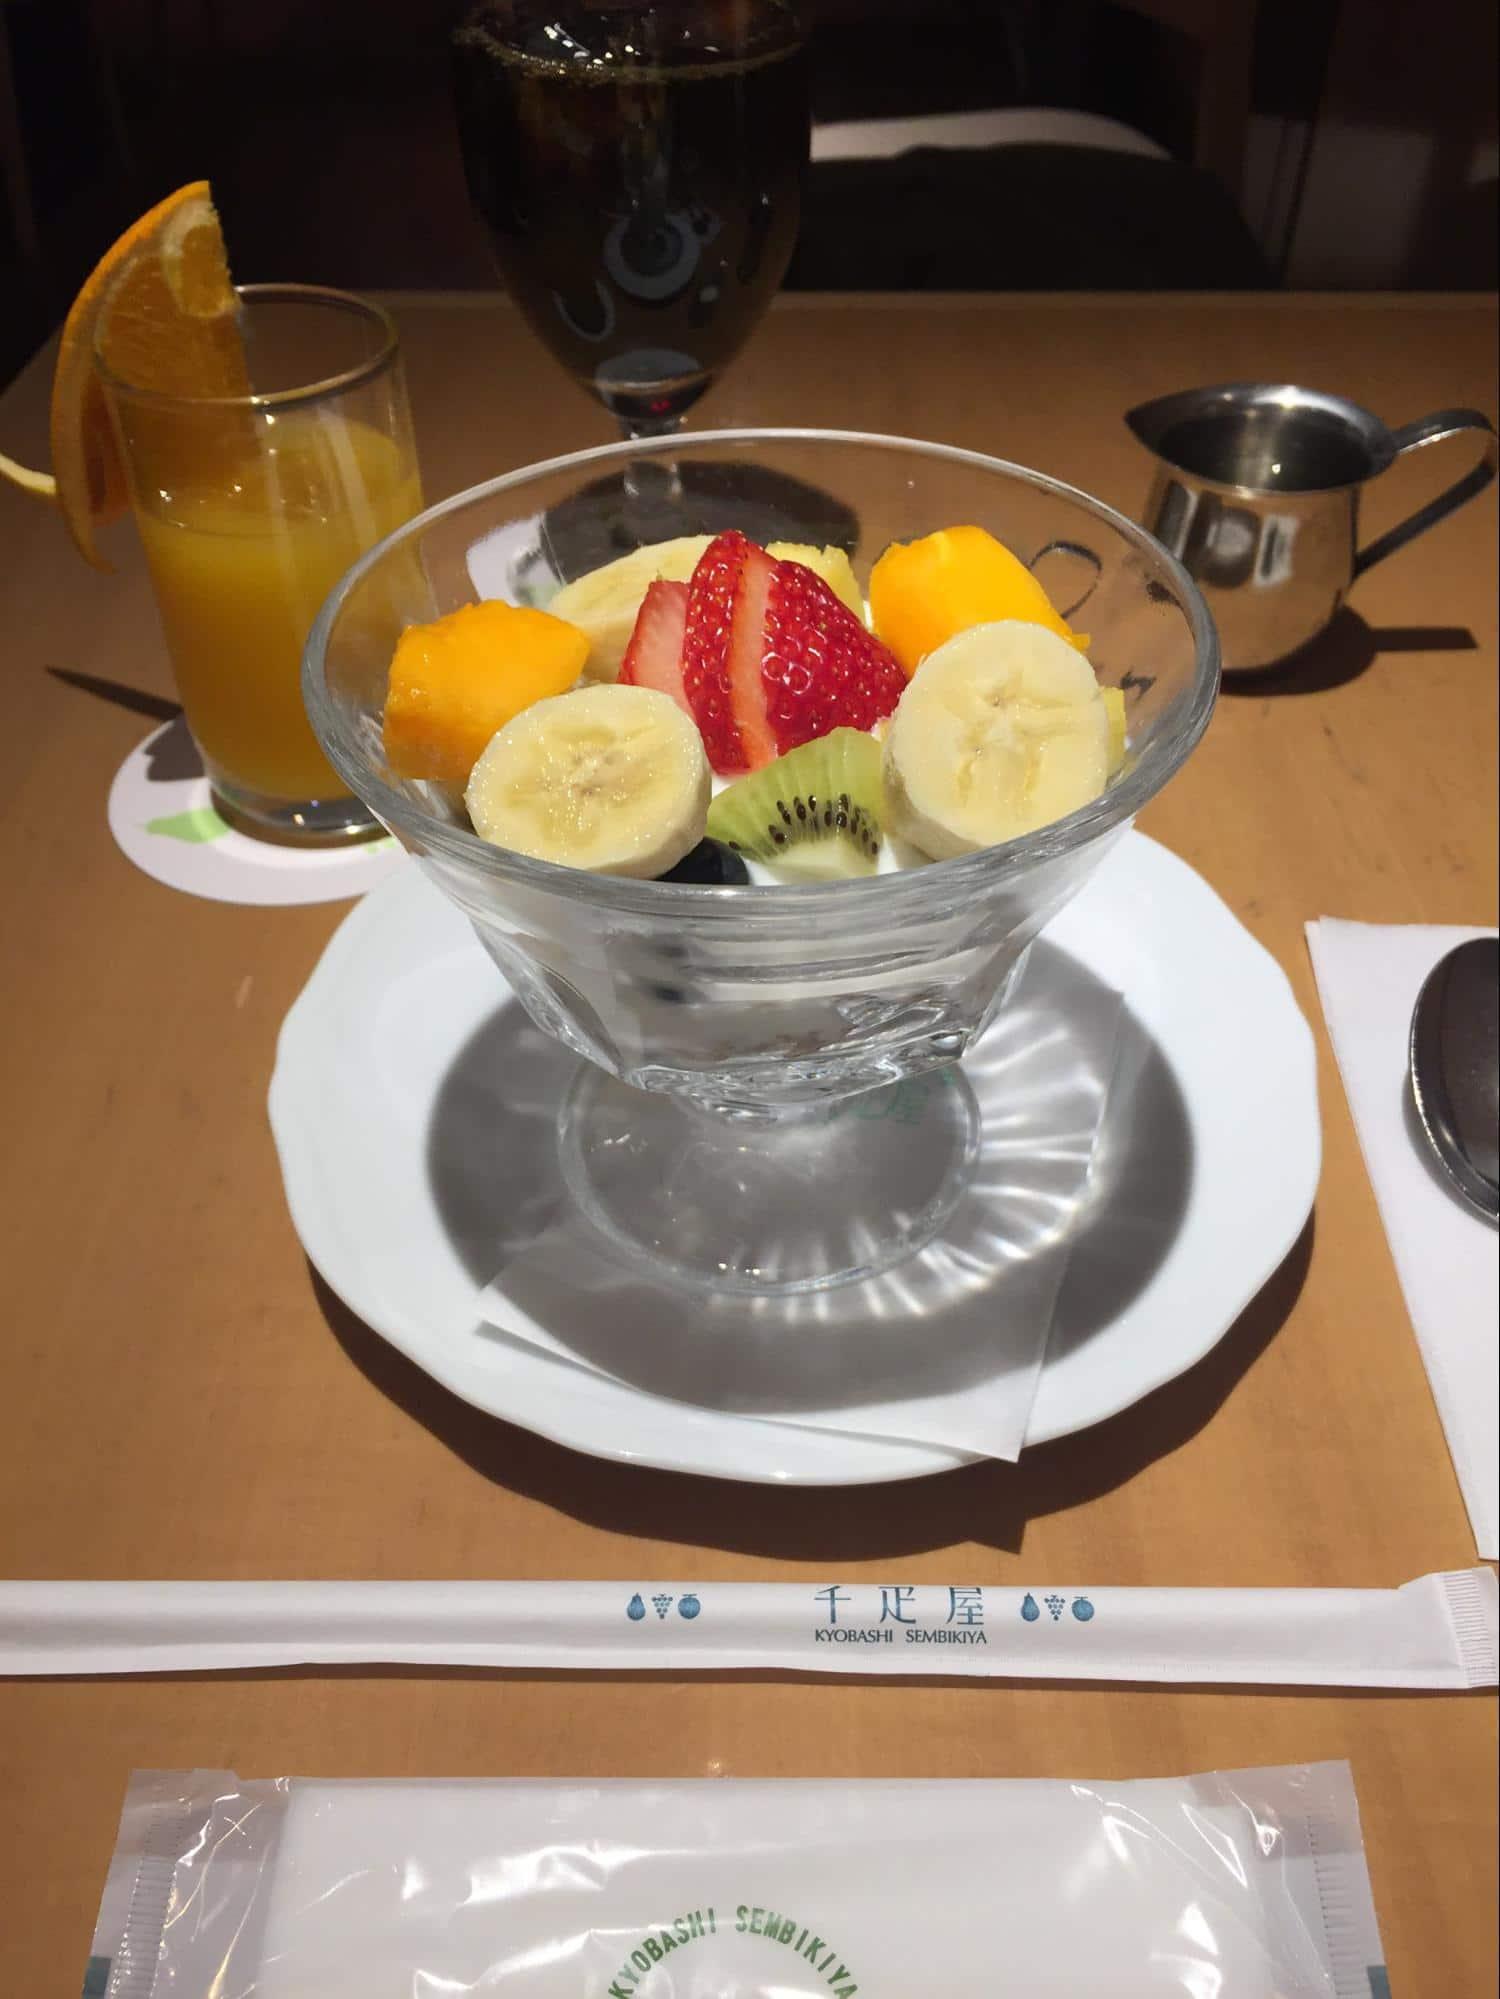 【インスタで友達に自慢できる!東京駅周辺のおしゃれ&ヘルシーな朝食 4選】